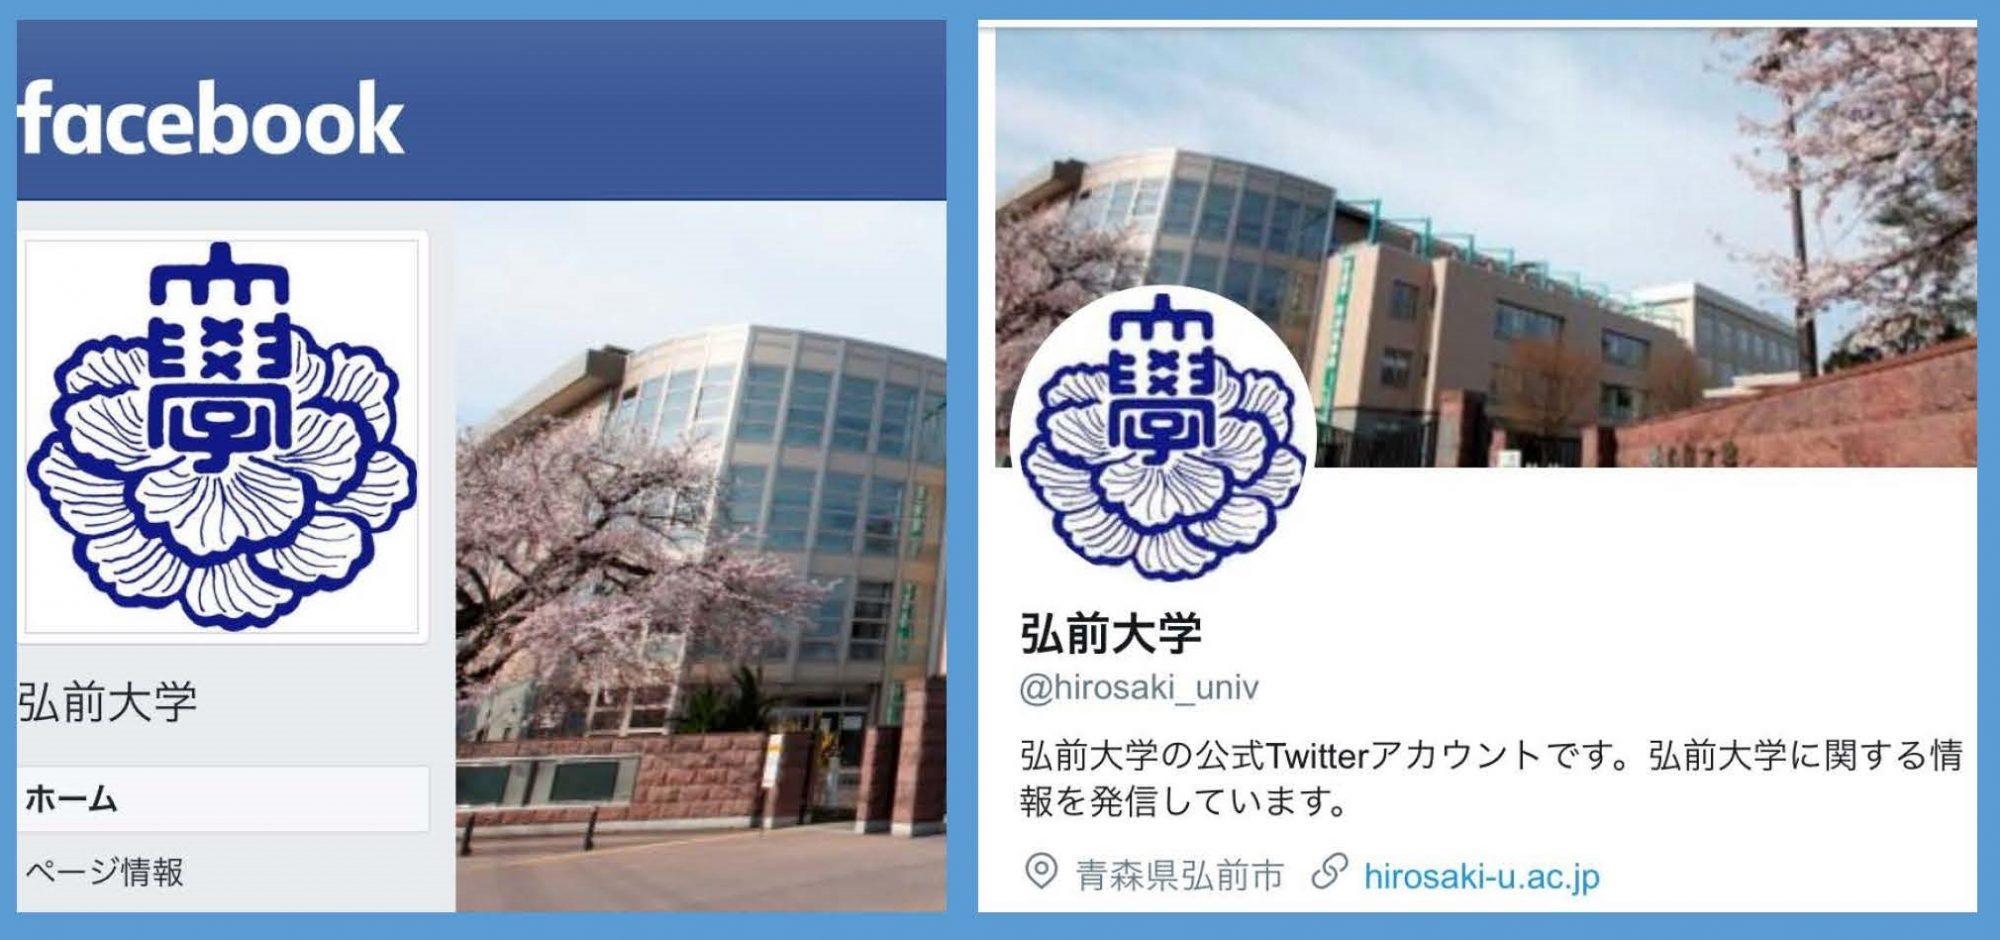 弘前大学facebook_twitter